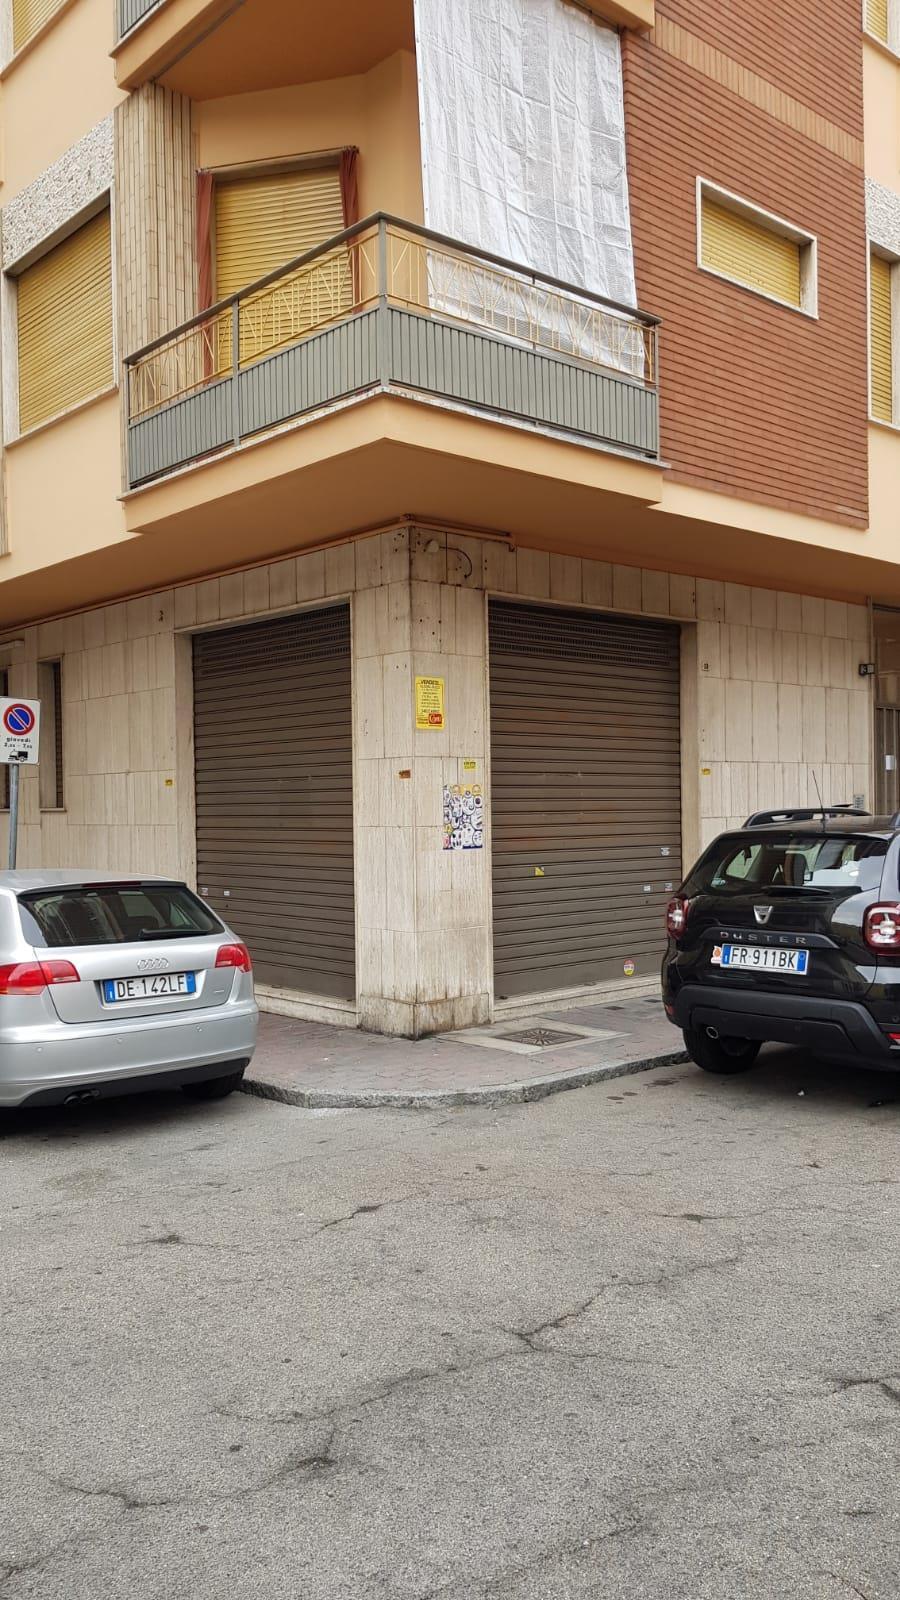 Vendita Negozio Commerciale/Industriale Asti 164172